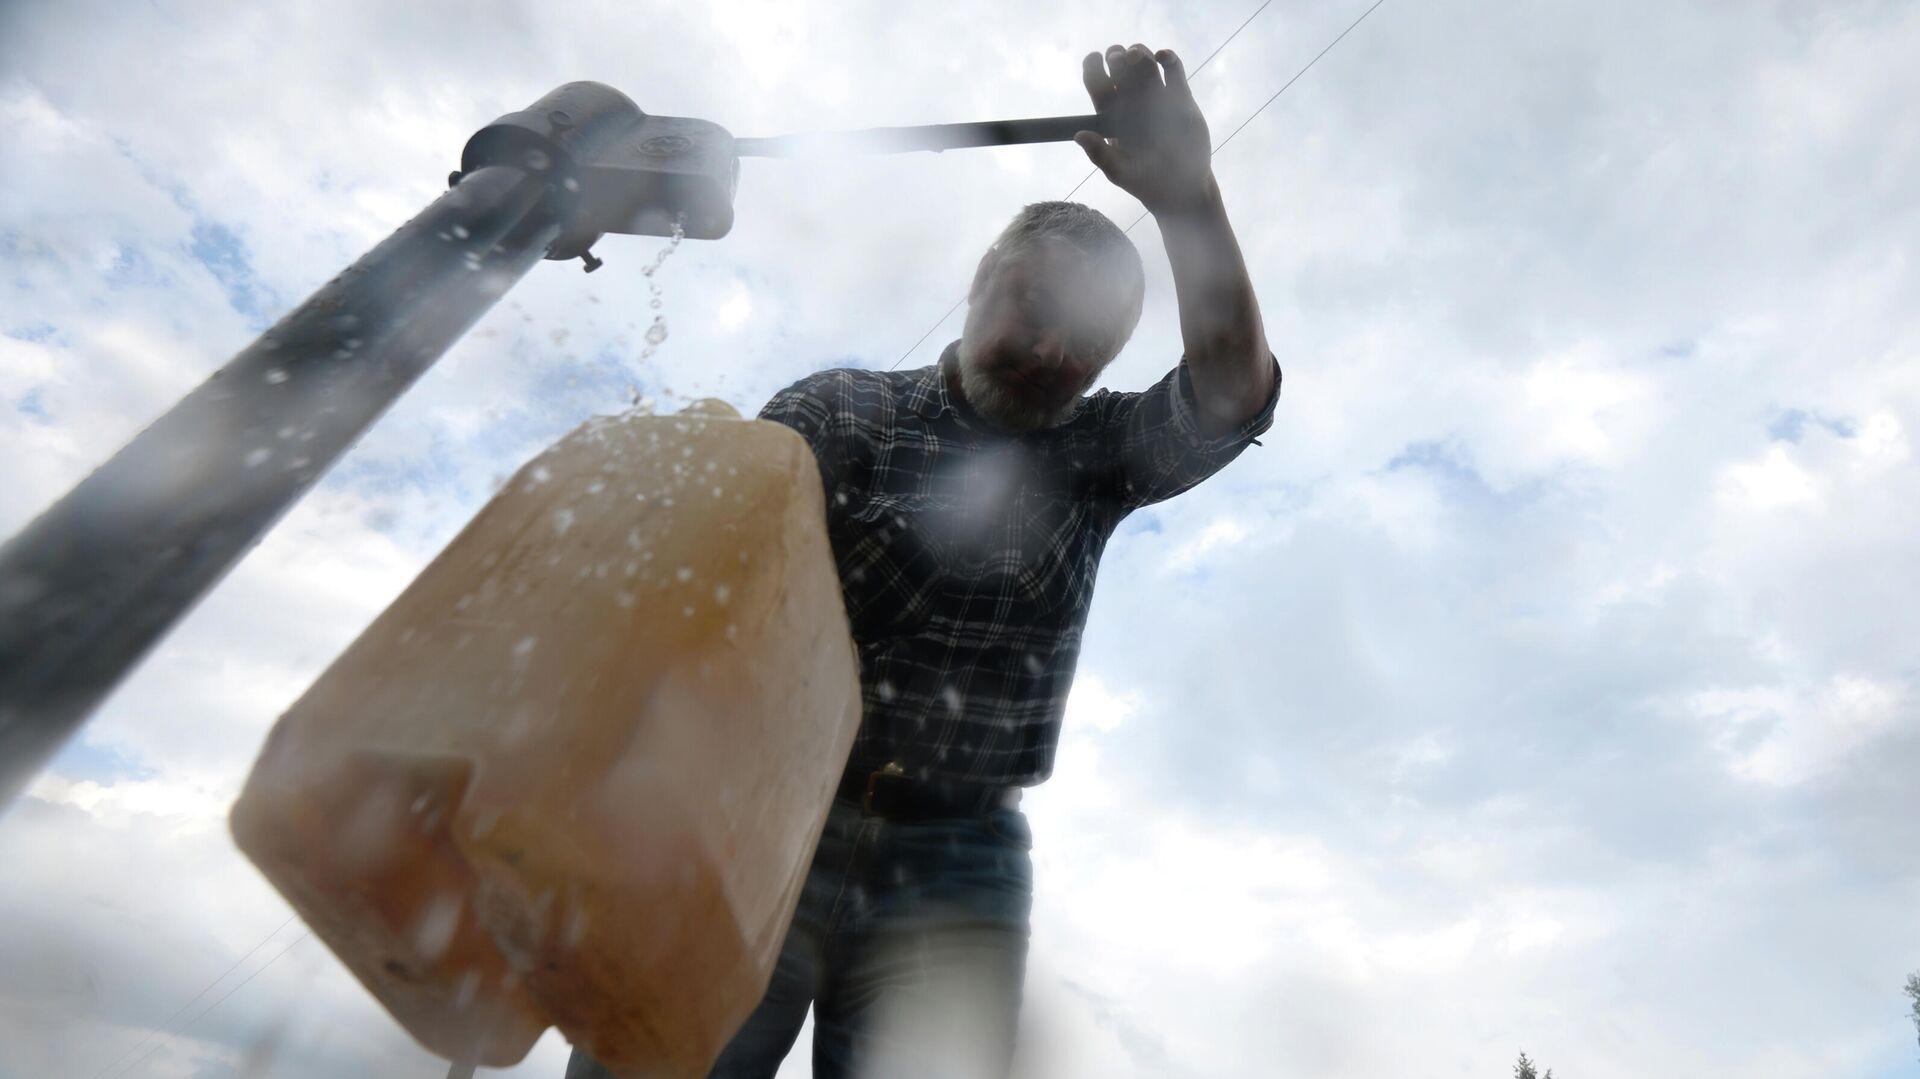 Мужчина набирает воду из колонки - РИА Новости, 1920, 01.08.2021